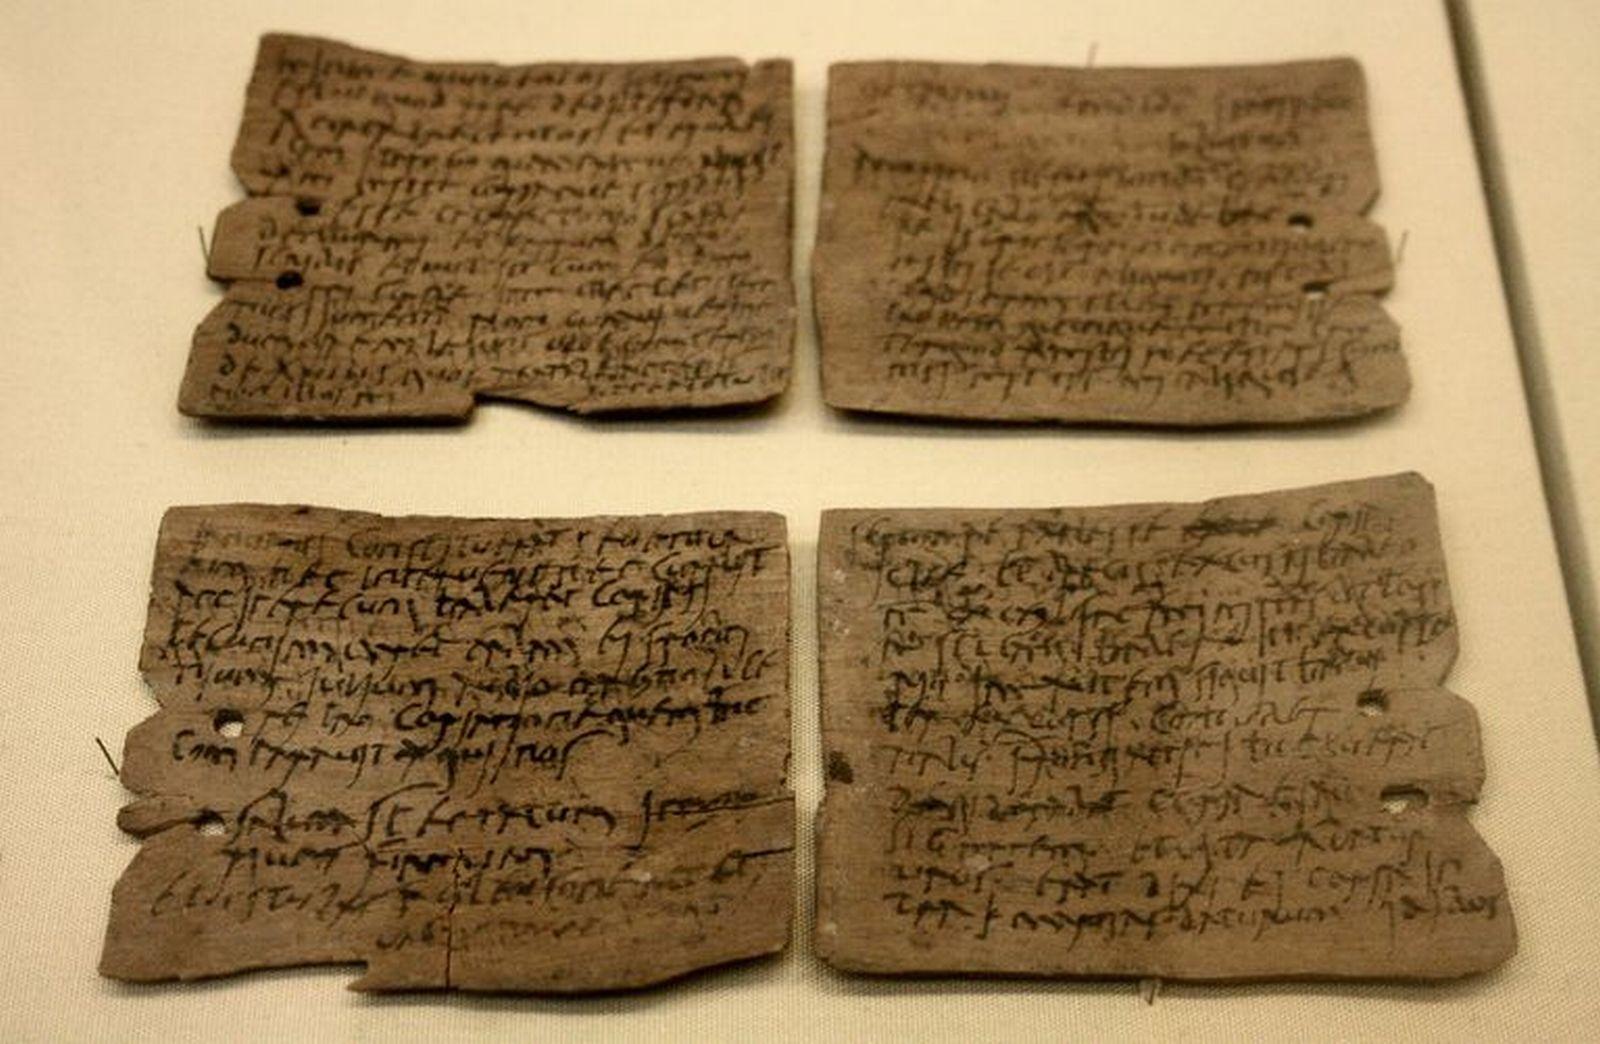 Archeologové našli na dřevěných tabulkách dopisy pojednávající o životě Římanů.